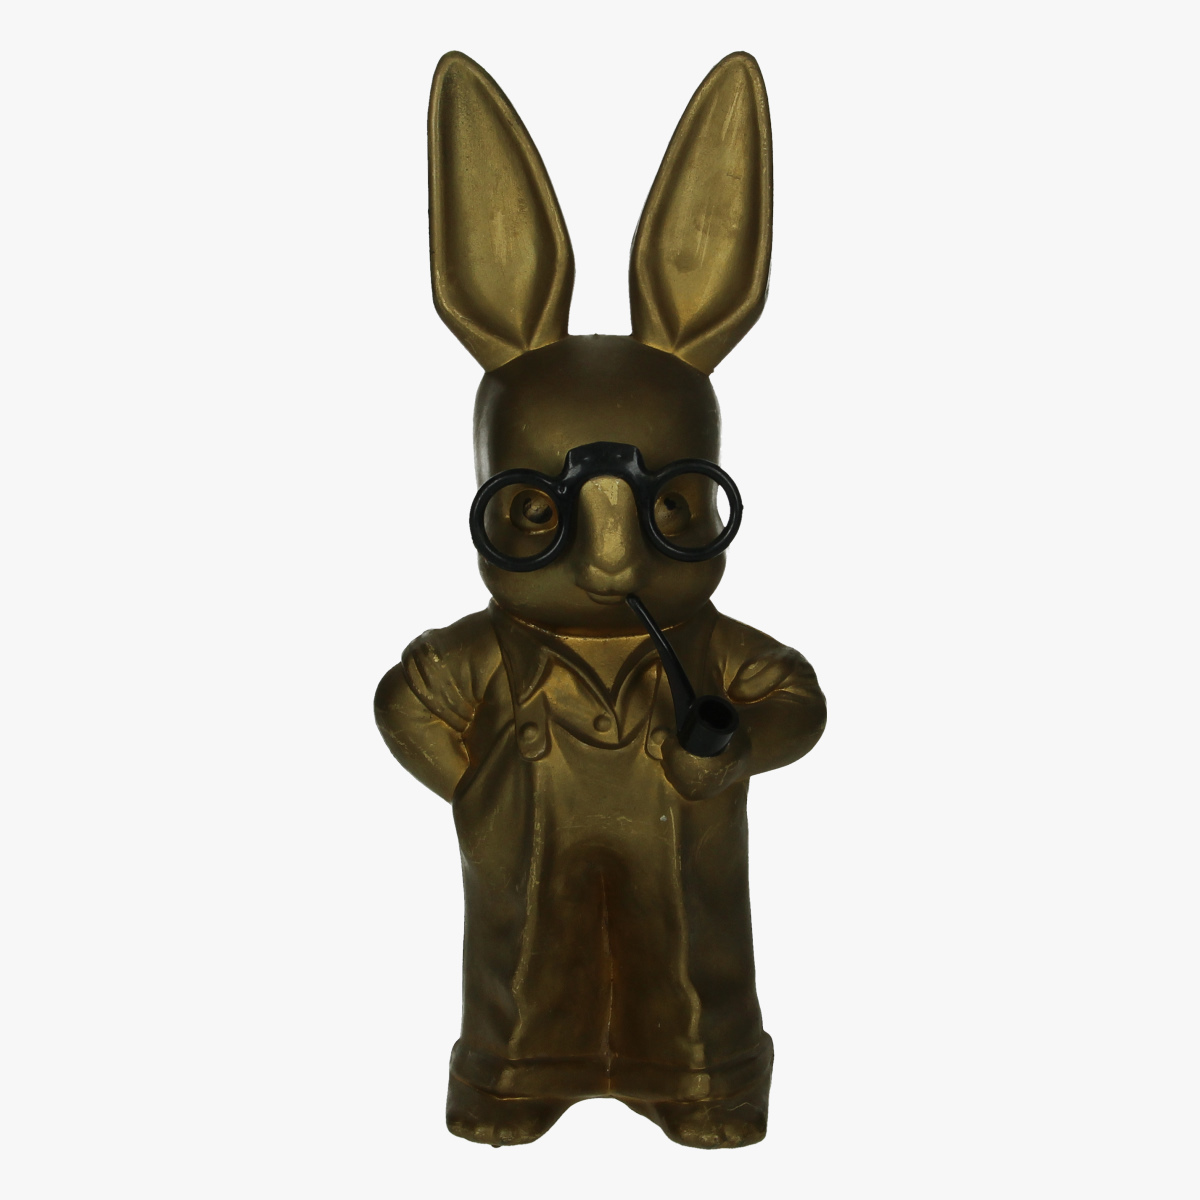 Afbeeldingen van spaarpot konijn